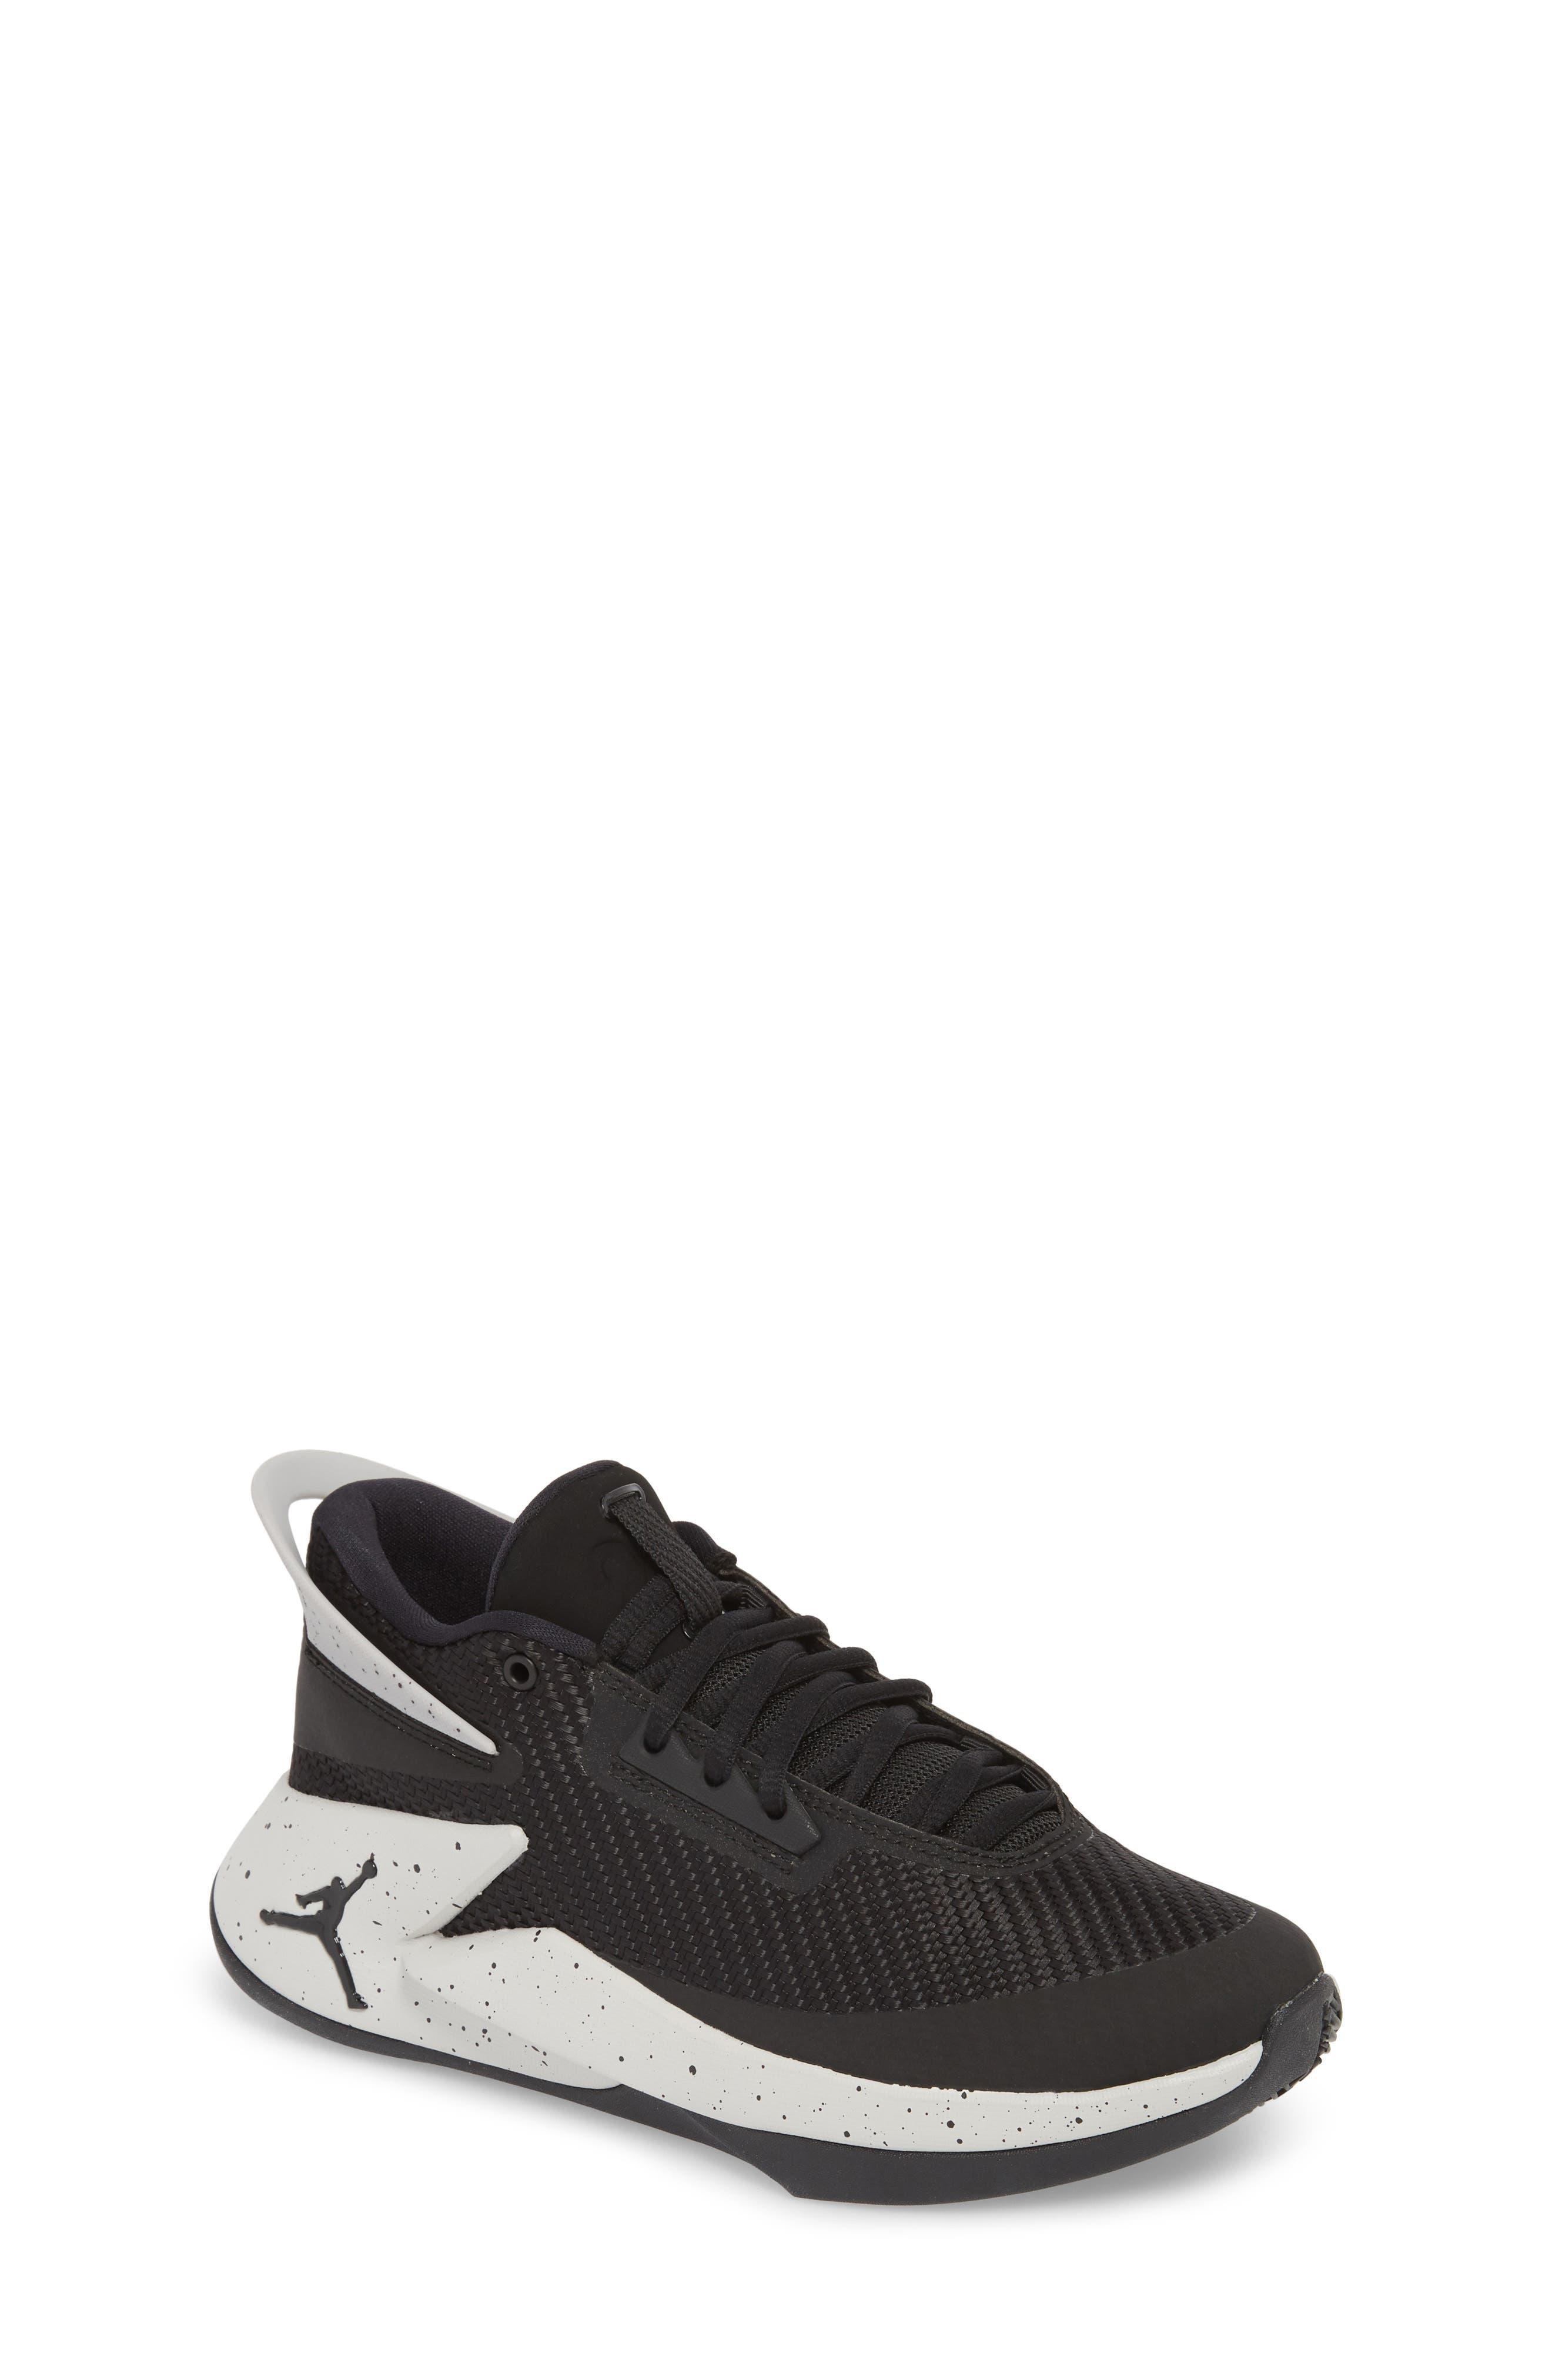 JORDAN,                             Nike Jordan Fly Lockdown Sneaker,                             Main thumbnail 1, color,                             010